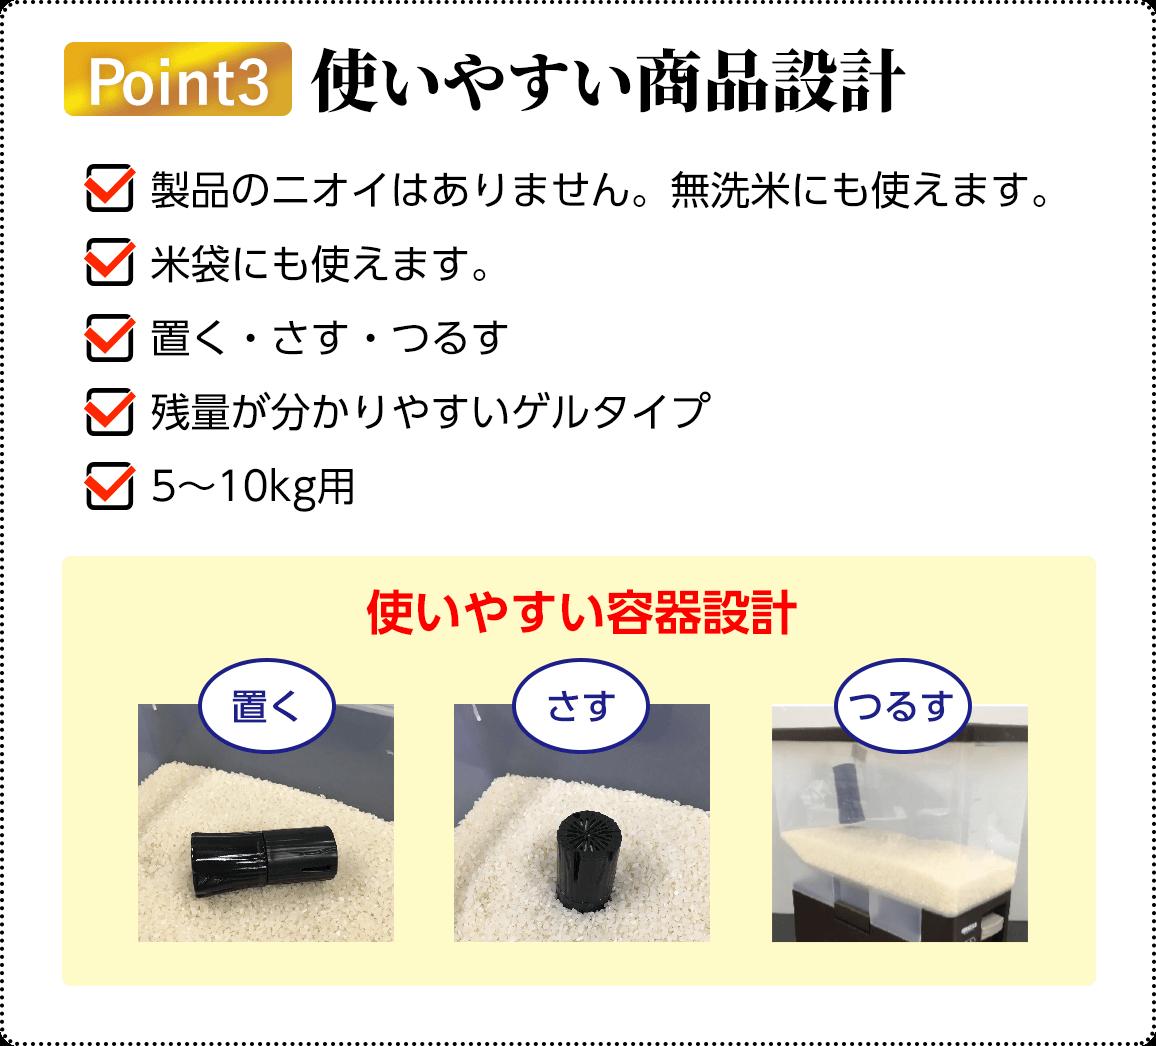 Point3 使いやすい商品設計               製品のニオイはありません。無洗米にも使えます。             米袋にも使えます。             置く・さす・つるす             残量が分かりやすいゲルタイプ             5〜10kg用             使いやすい容器設計